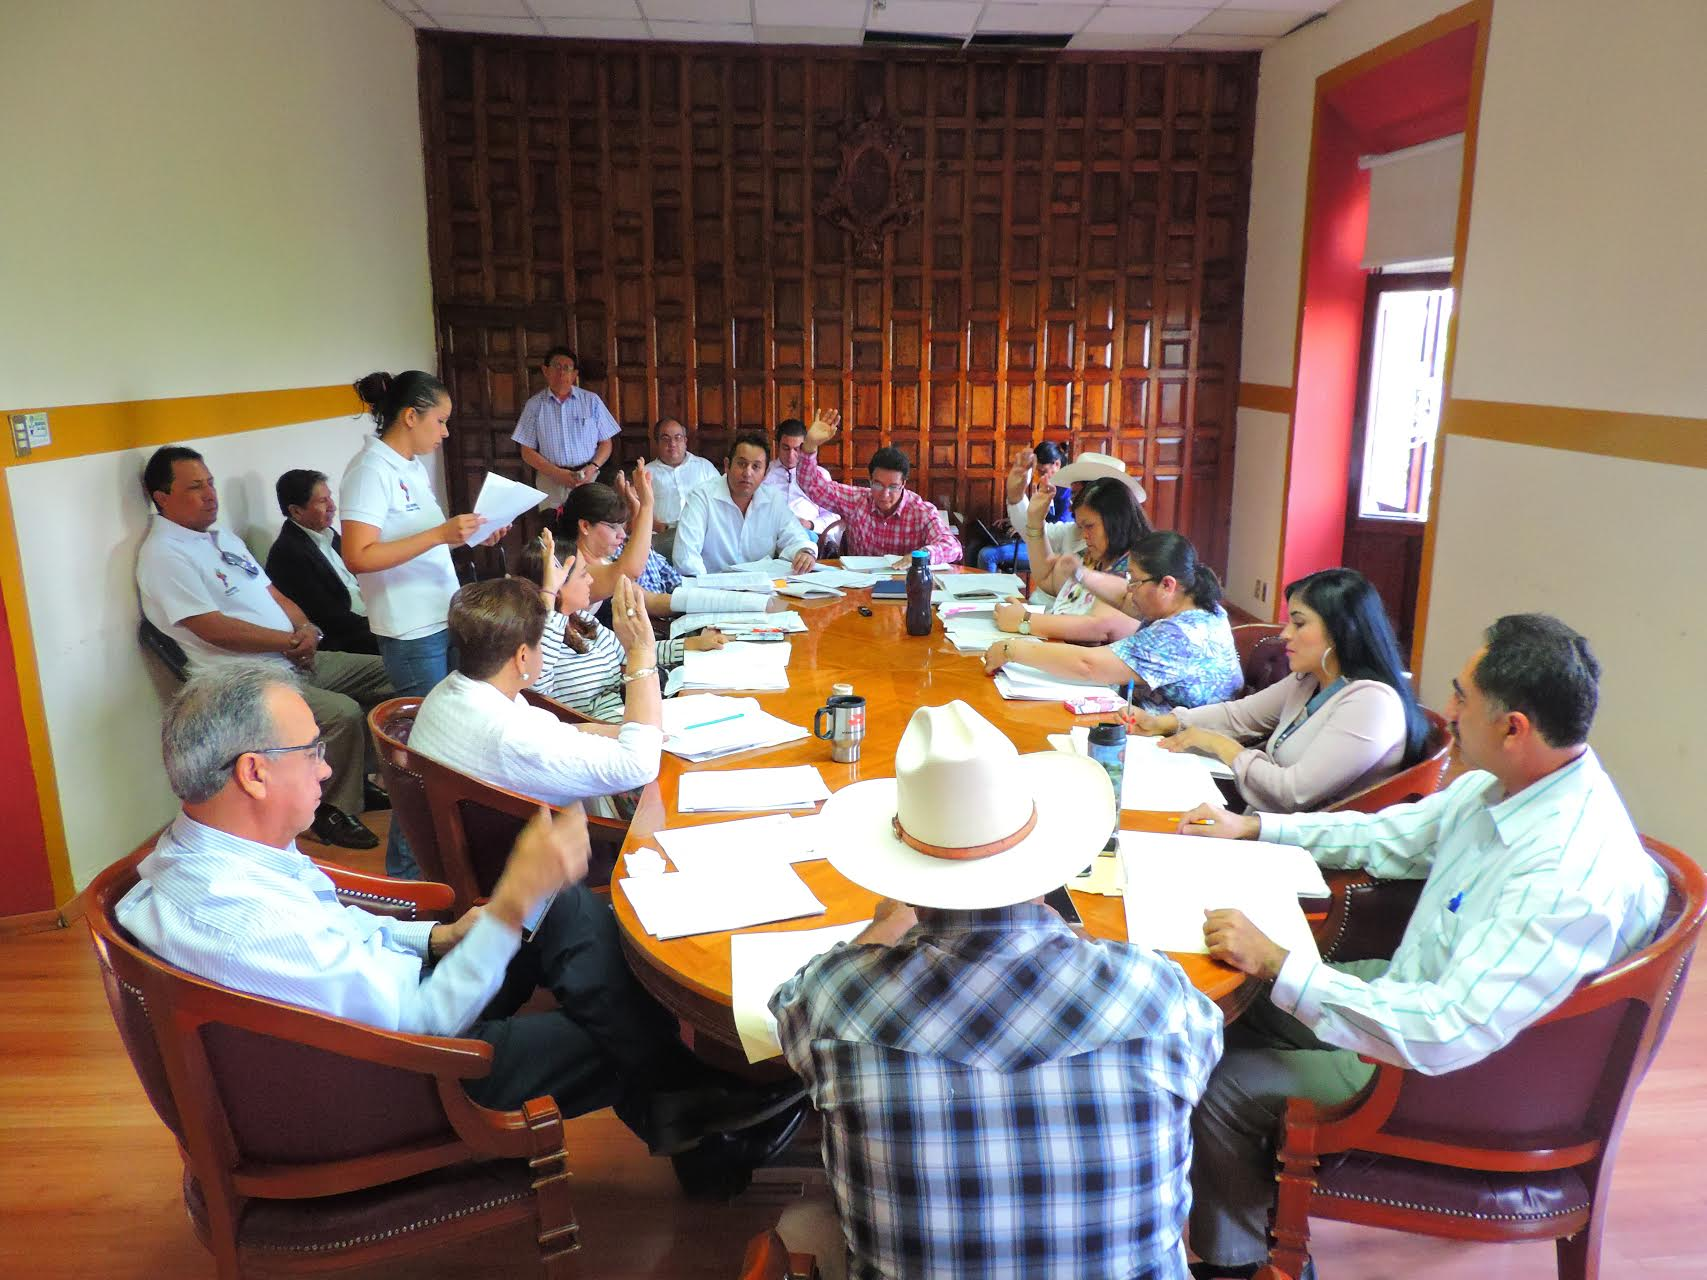 la funcionaria señaló, que el ayuntamiento aprobó la aplicación de un millón de pesos para la creación de una cancha de usos múltiples en la colonia Haciendas de Salvatierra